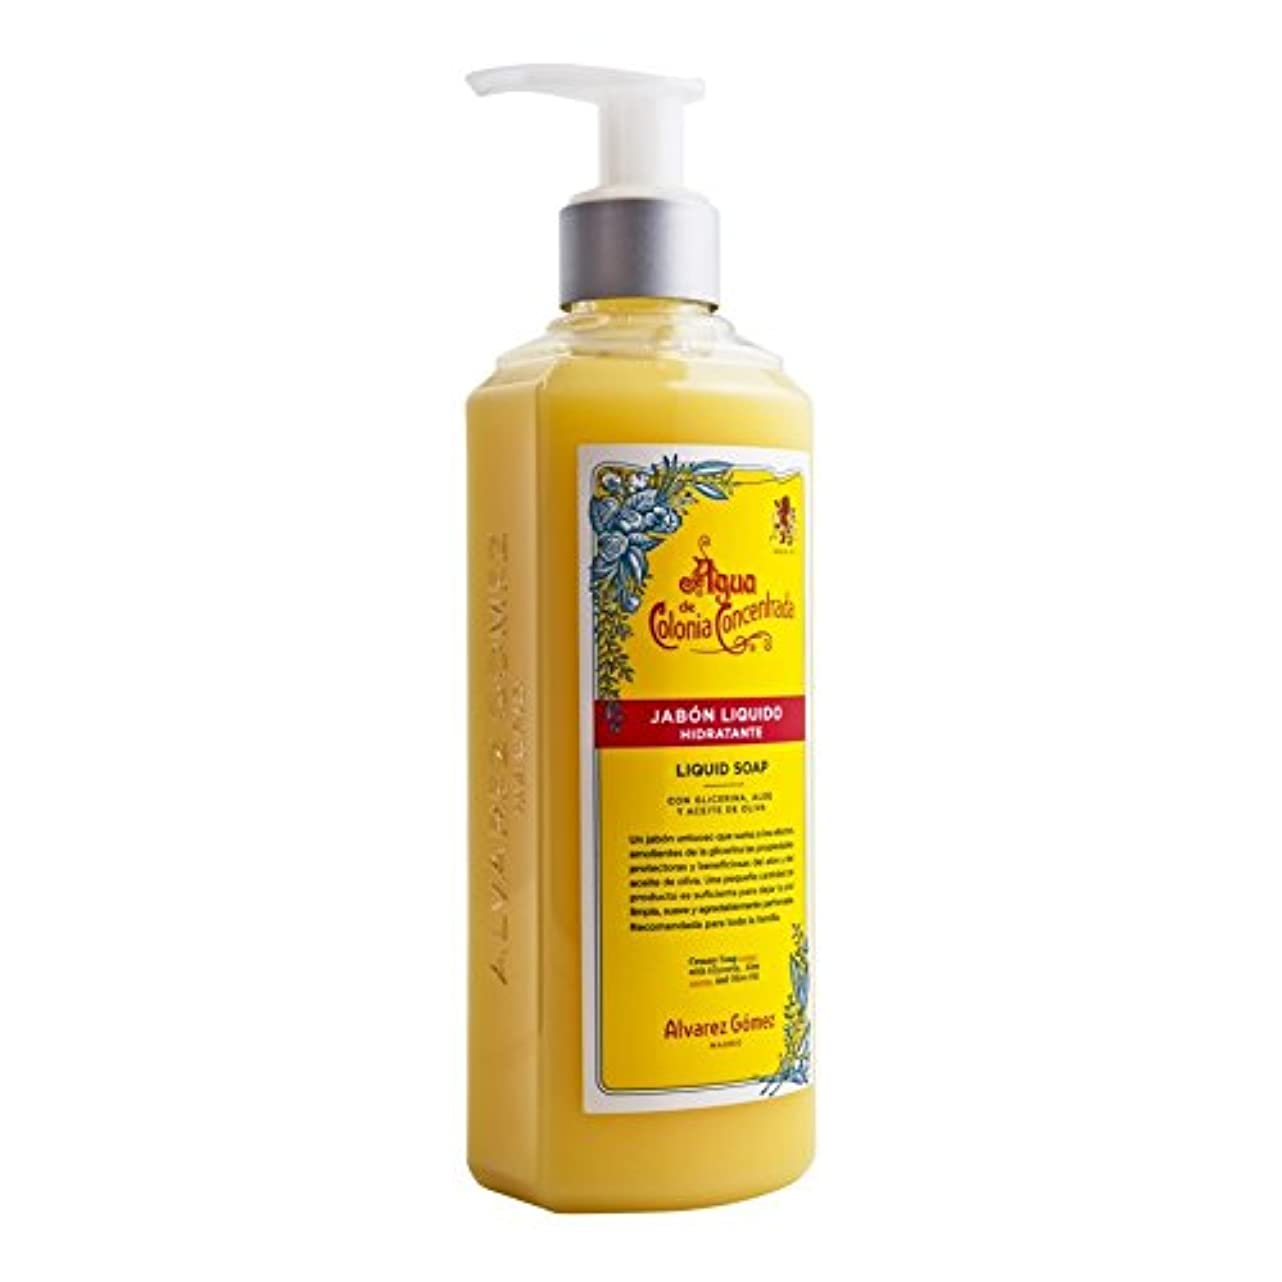 見込みレクリエーション掃く?lvarez G?mez Agua de Colonia Concentrada Liquid Soap 300ml - アルバレスゴメスアグアデコロニ液体石鹸300ミリリットル [並行輸入品]